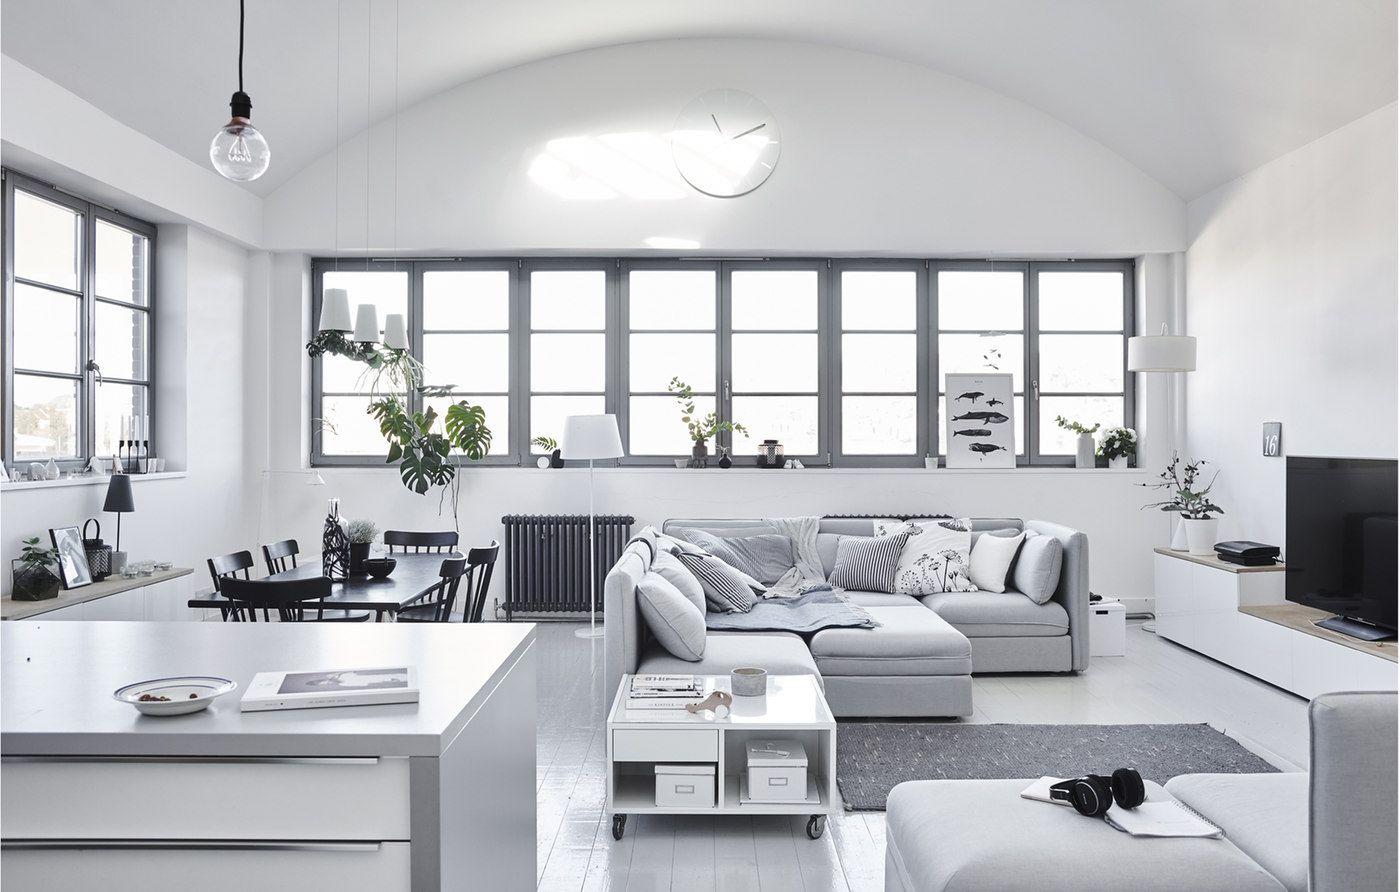 Zuhause minimalistisch einrichten | Zuhause